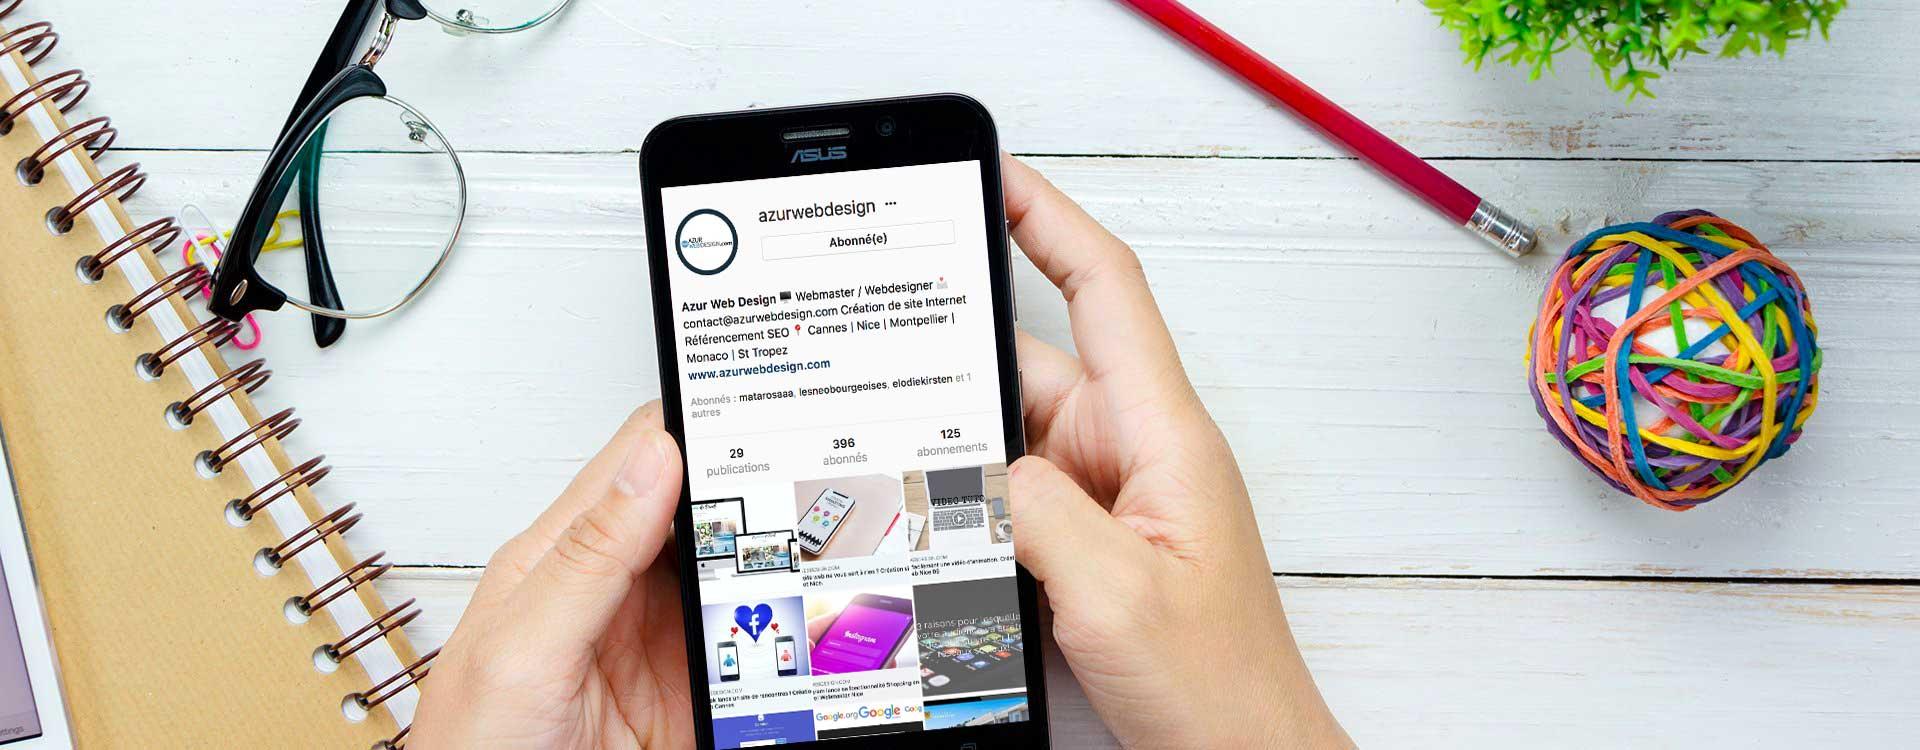 comment faire de la publicit sur instagram cr ation site web 06. Black Bedroom Furniture Sets. Home Design Ideas